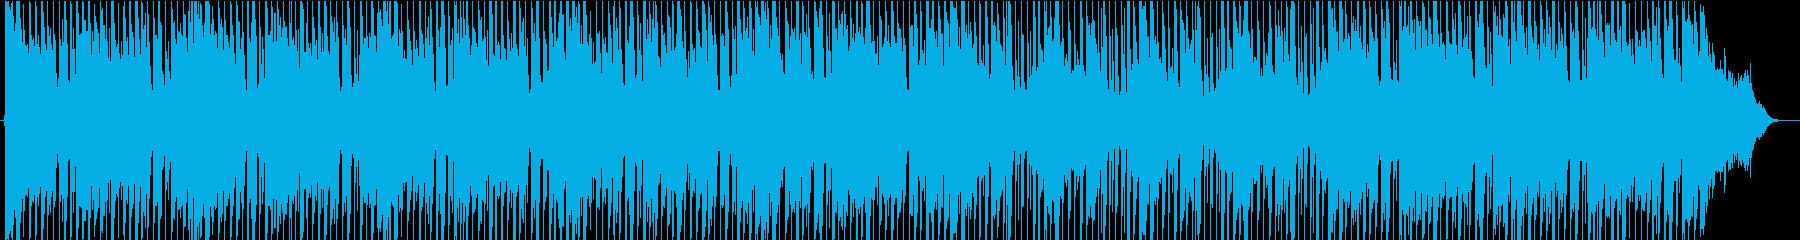 ディスコ・クラブ・都会・ナイトファンクの再生済みの波形